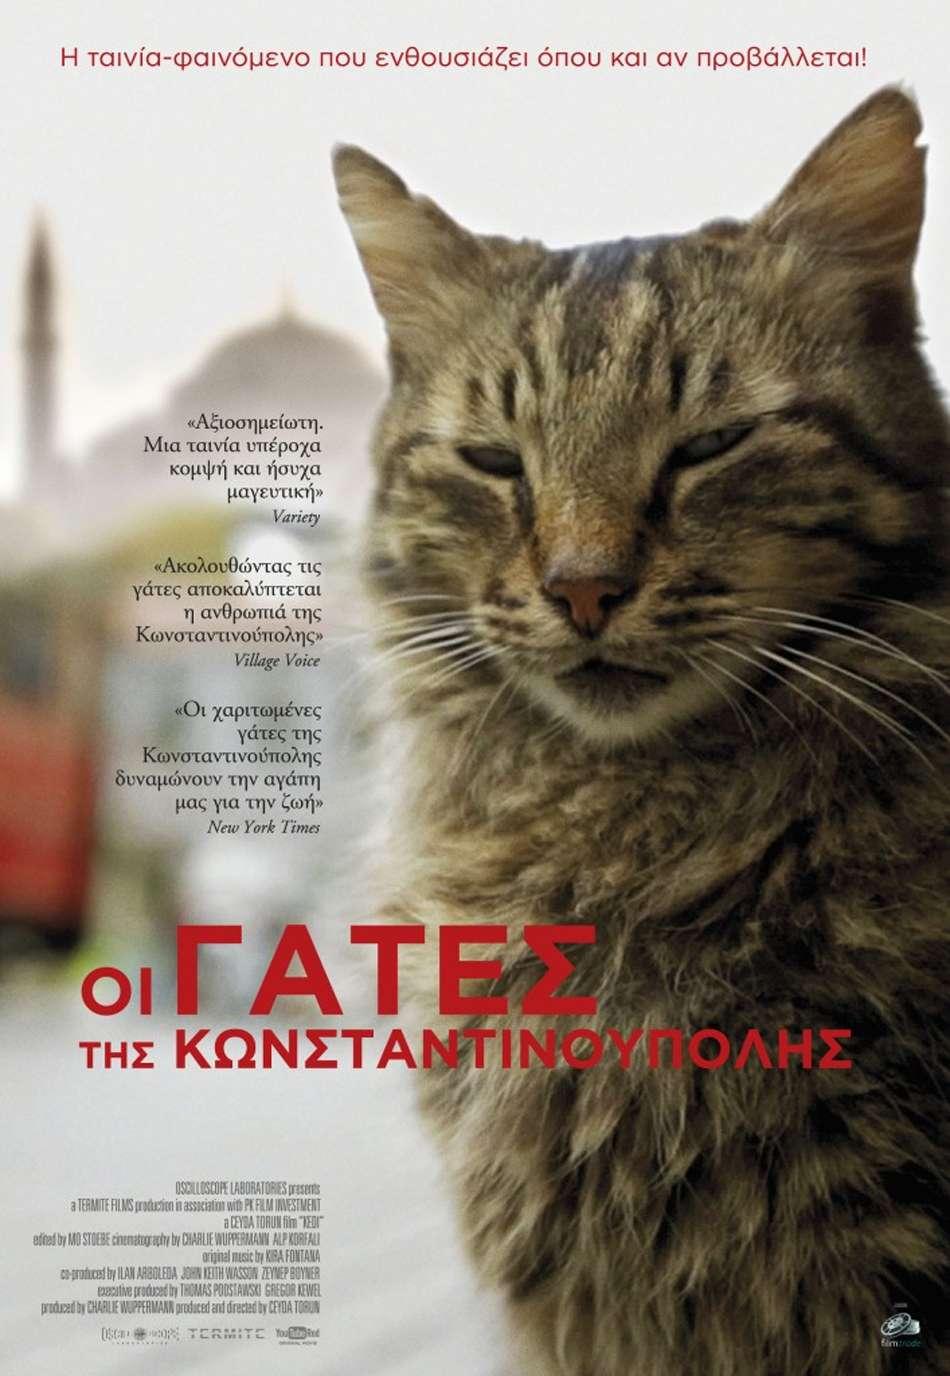 Οι Γάτες της Κωνσταντινούπολης (Kedi) Poster Πόστερ